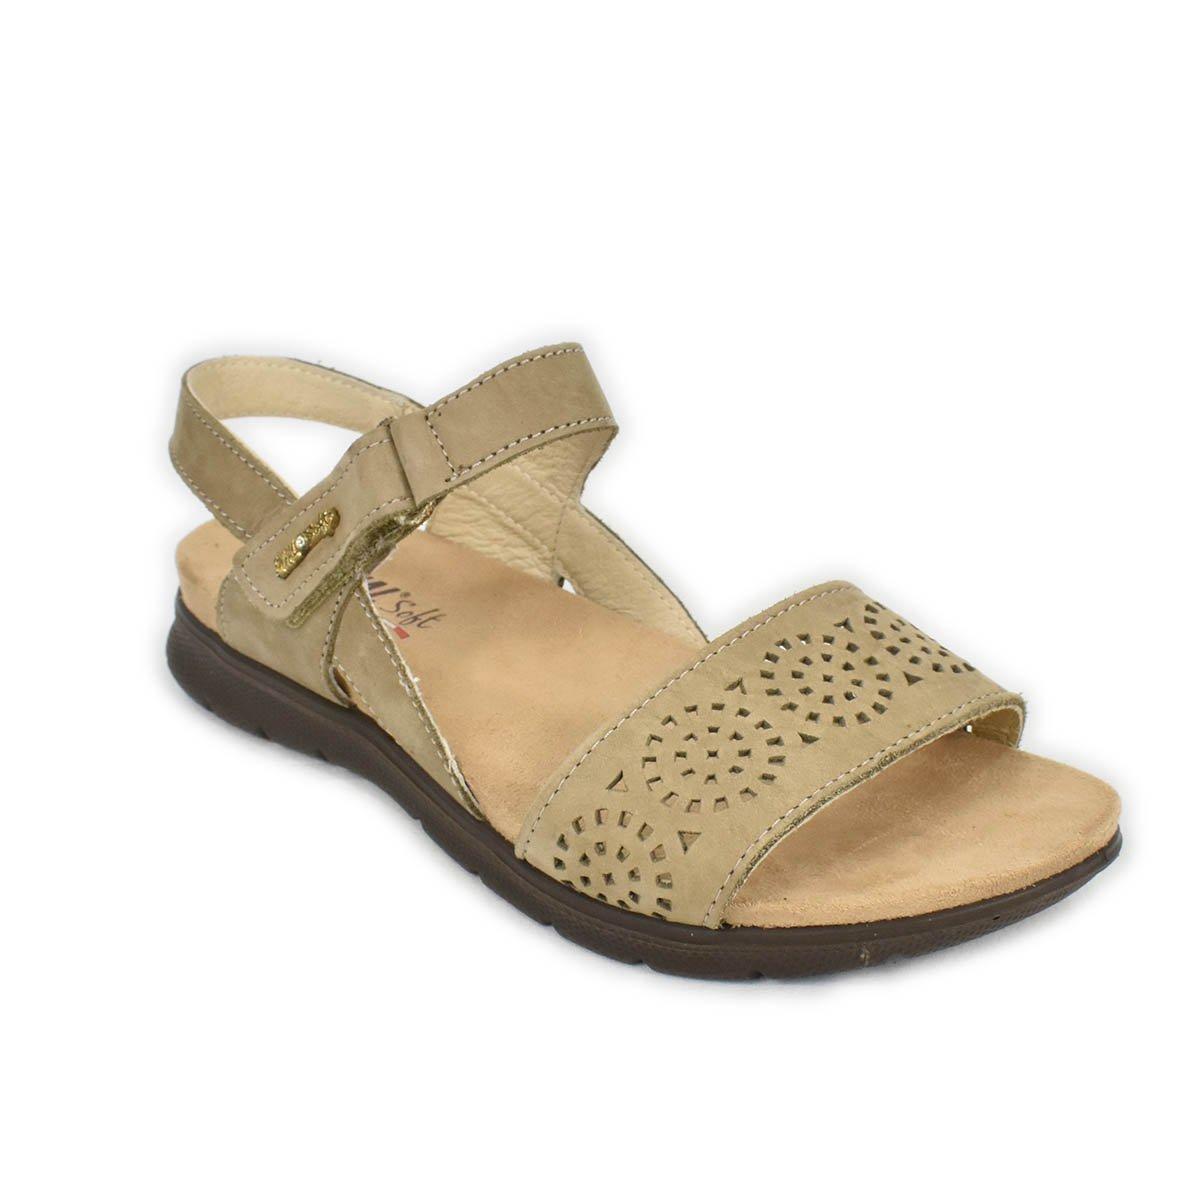 Sandalo basso marrone tortora con strappo - Enval Soft 79622